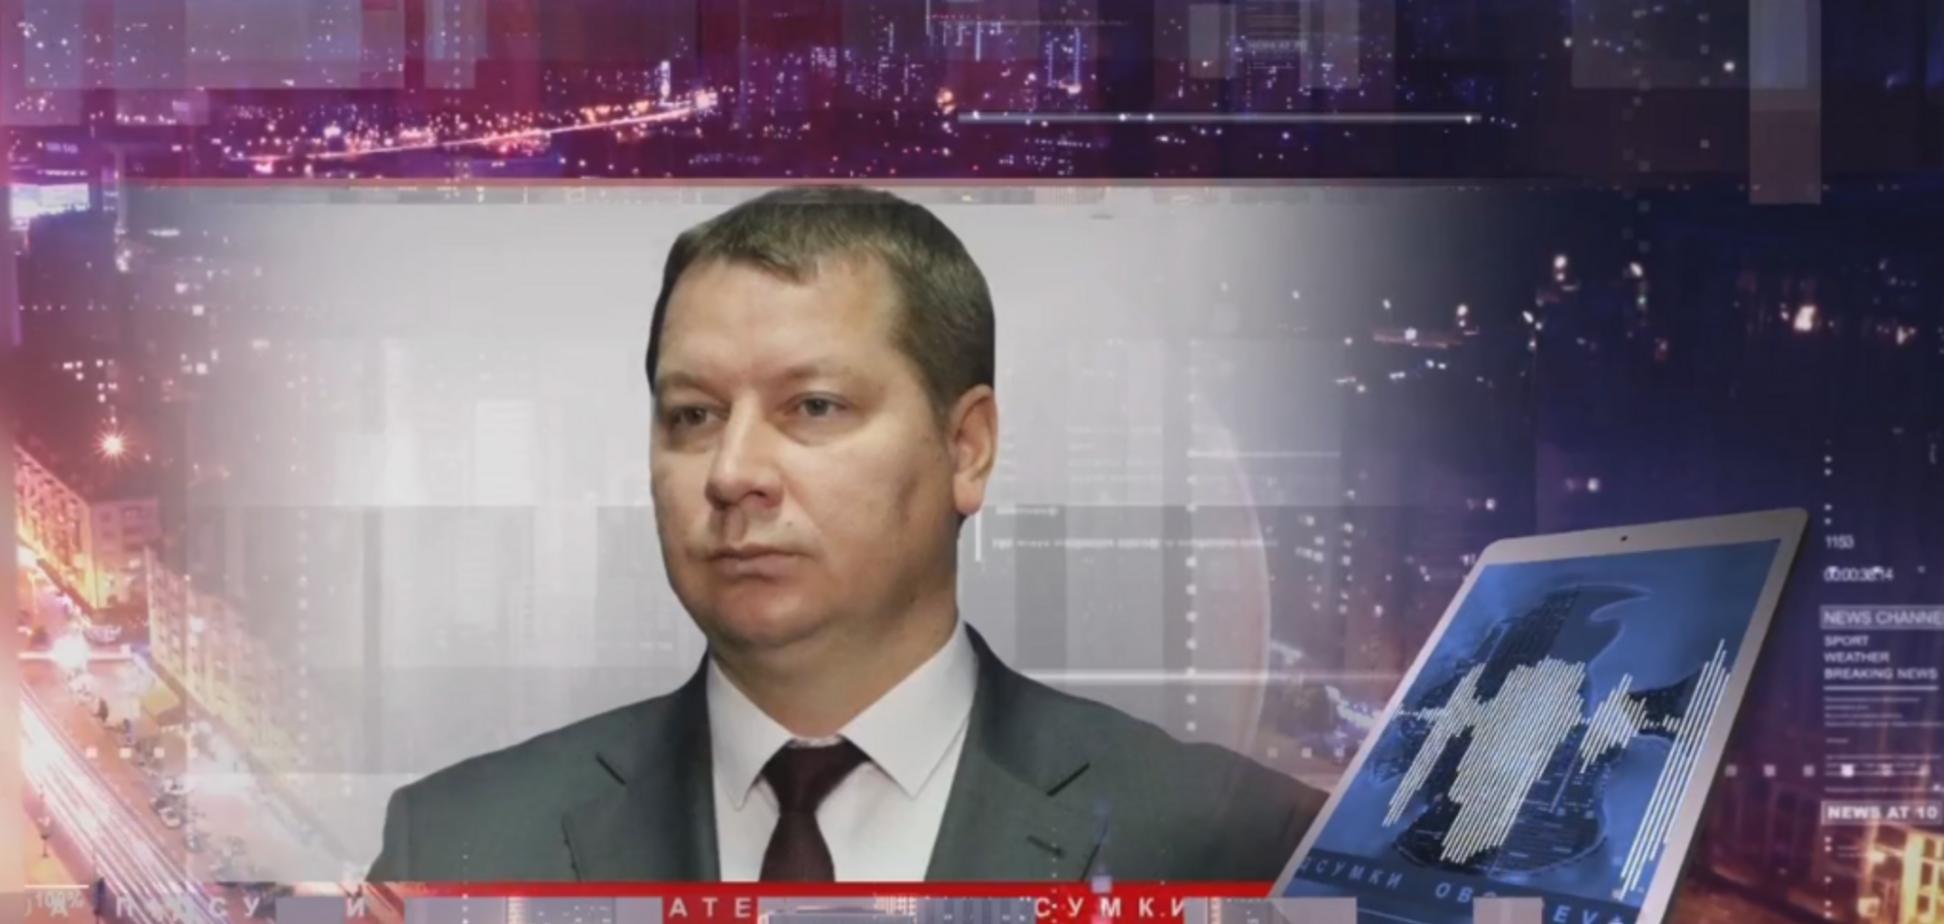 Работа следственной комиссии по убийству Екатерины Гандзюк превратилась в фарс – председатель Херсонской ОГА